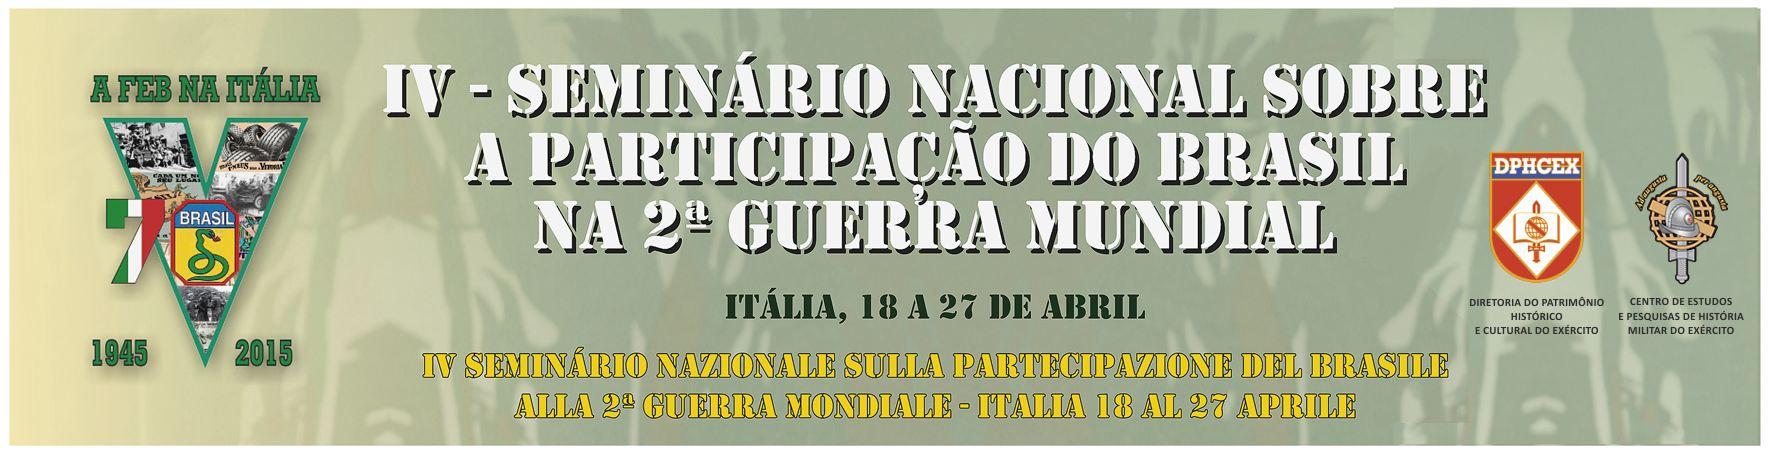 IV Seminário Nacional sobre a participação do Brasil na 2ª Guerra Mundial